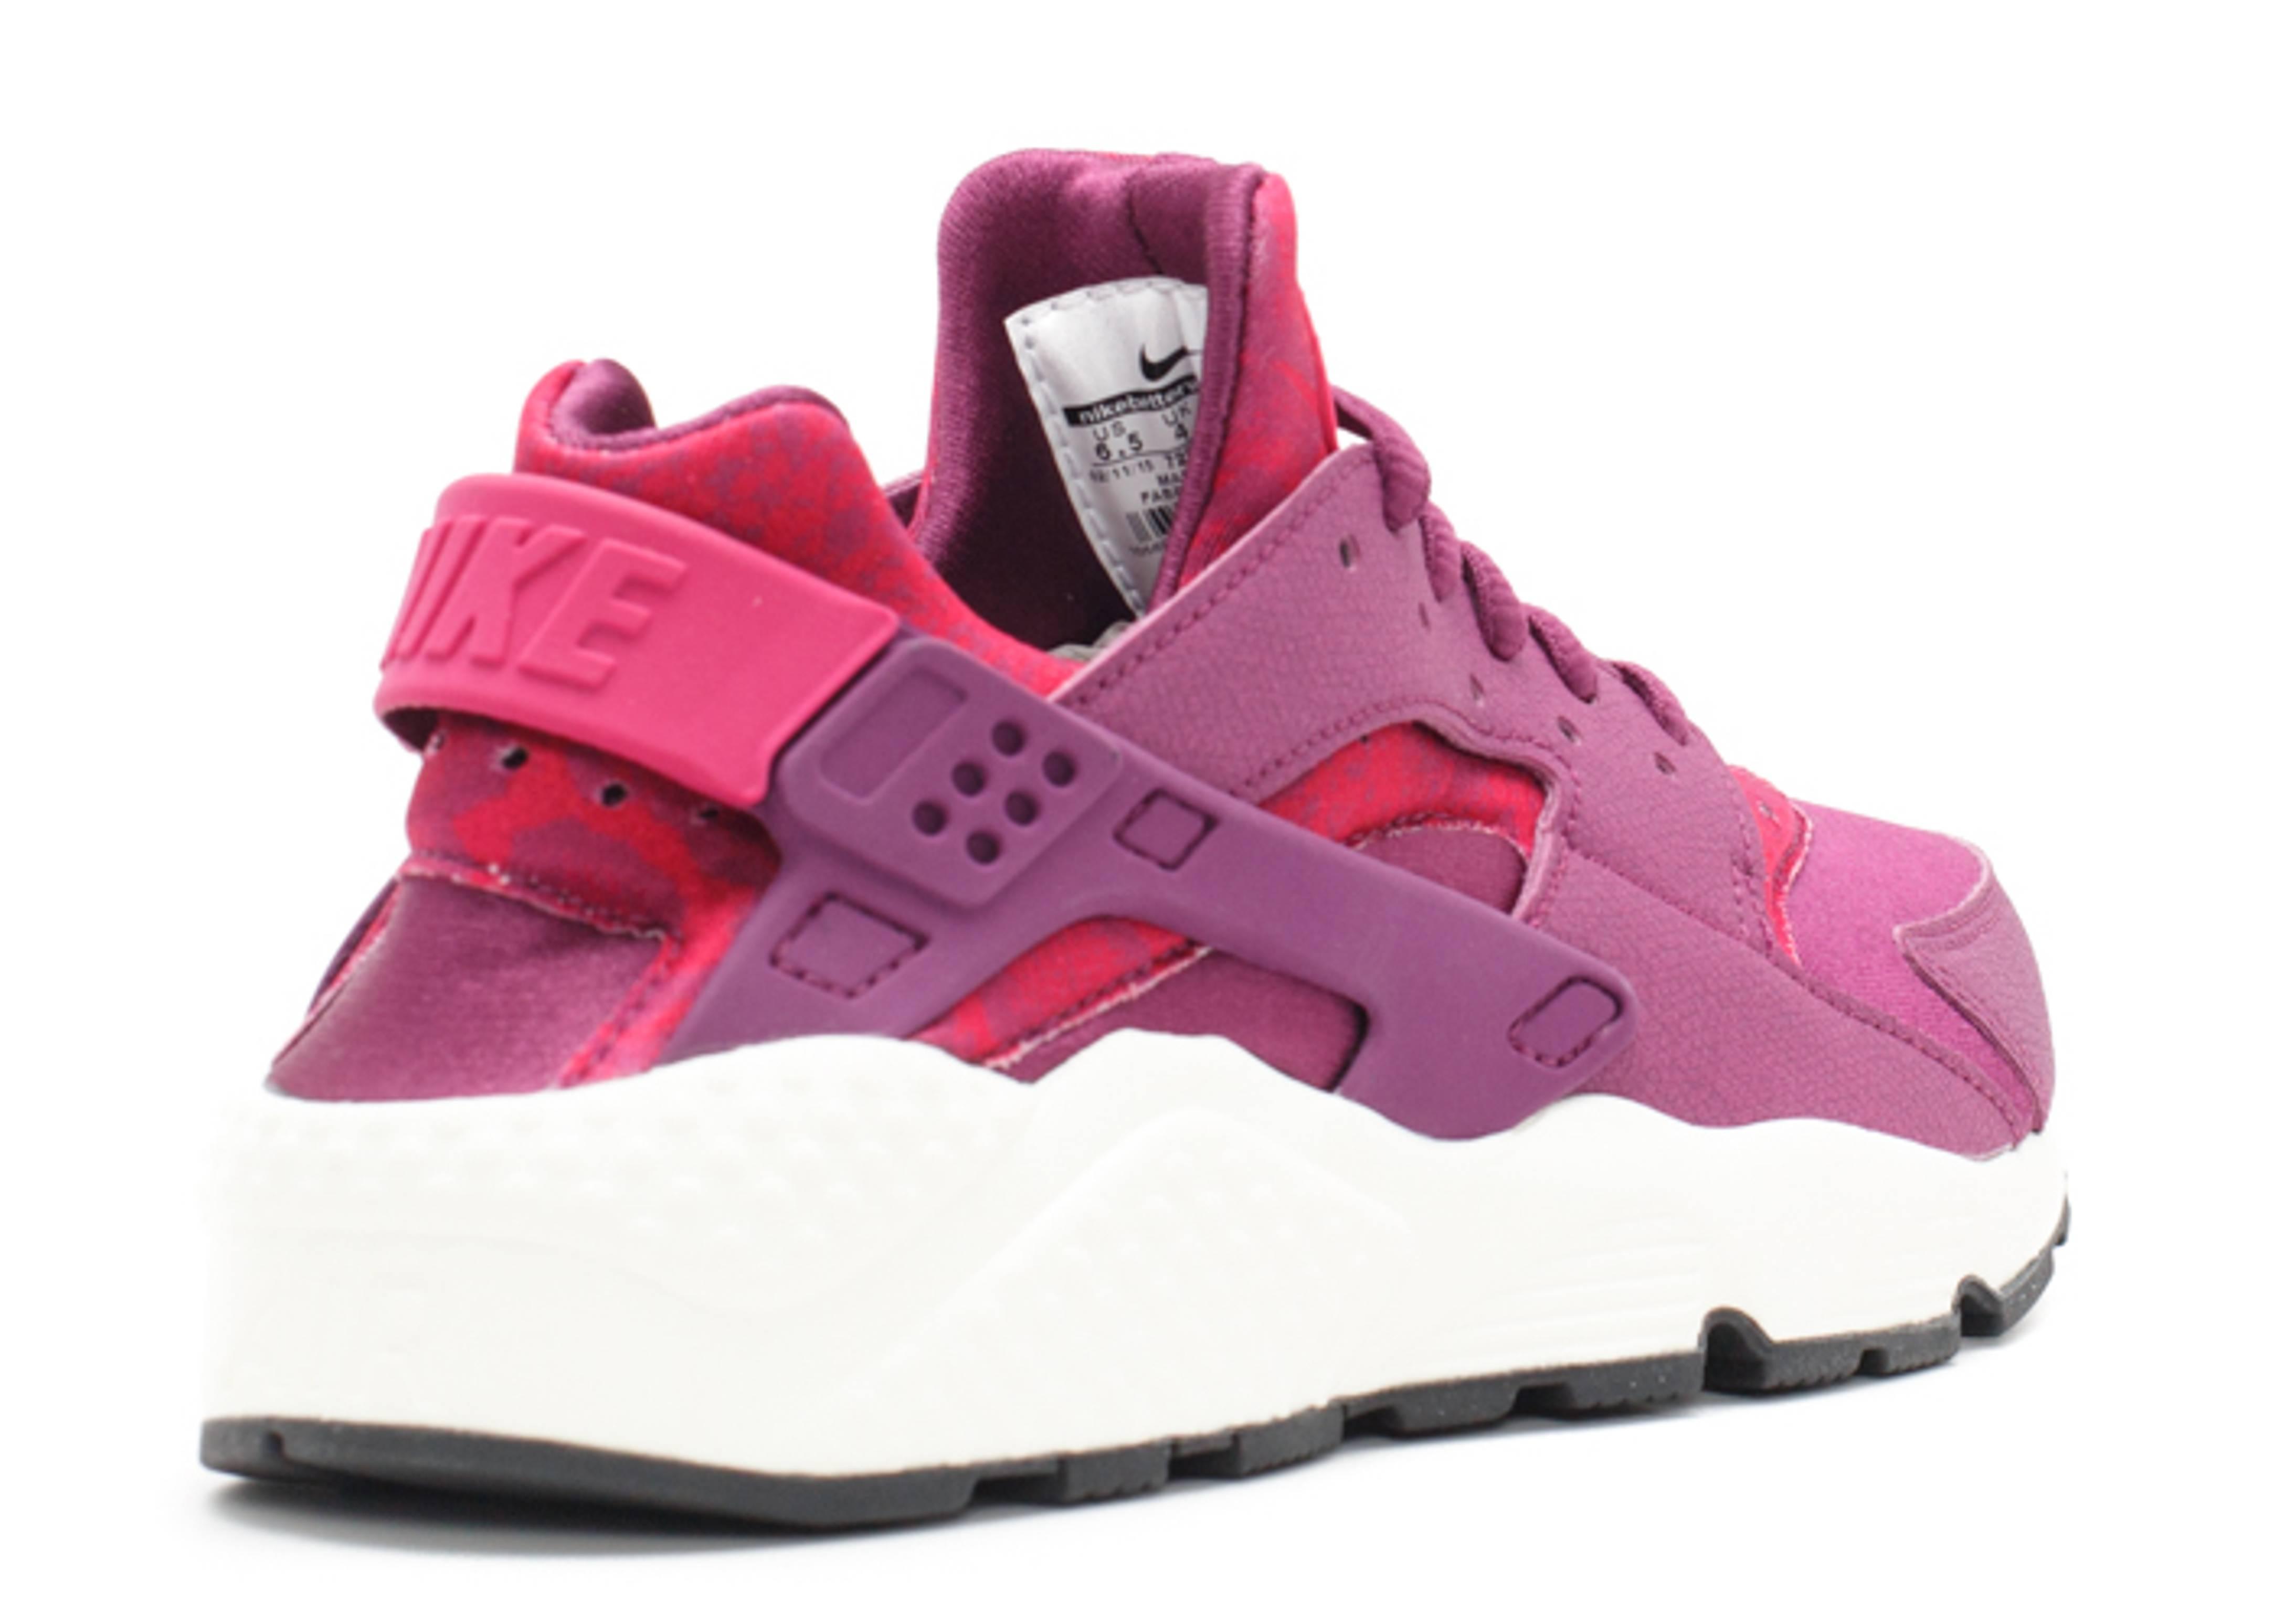 263491cdaea4e ... Upcoming Sneaker ws air huarache run print mulberrysport fuchsia-blk-sl  Nike Wmns Air Huarache Run Print (Mulberry ...